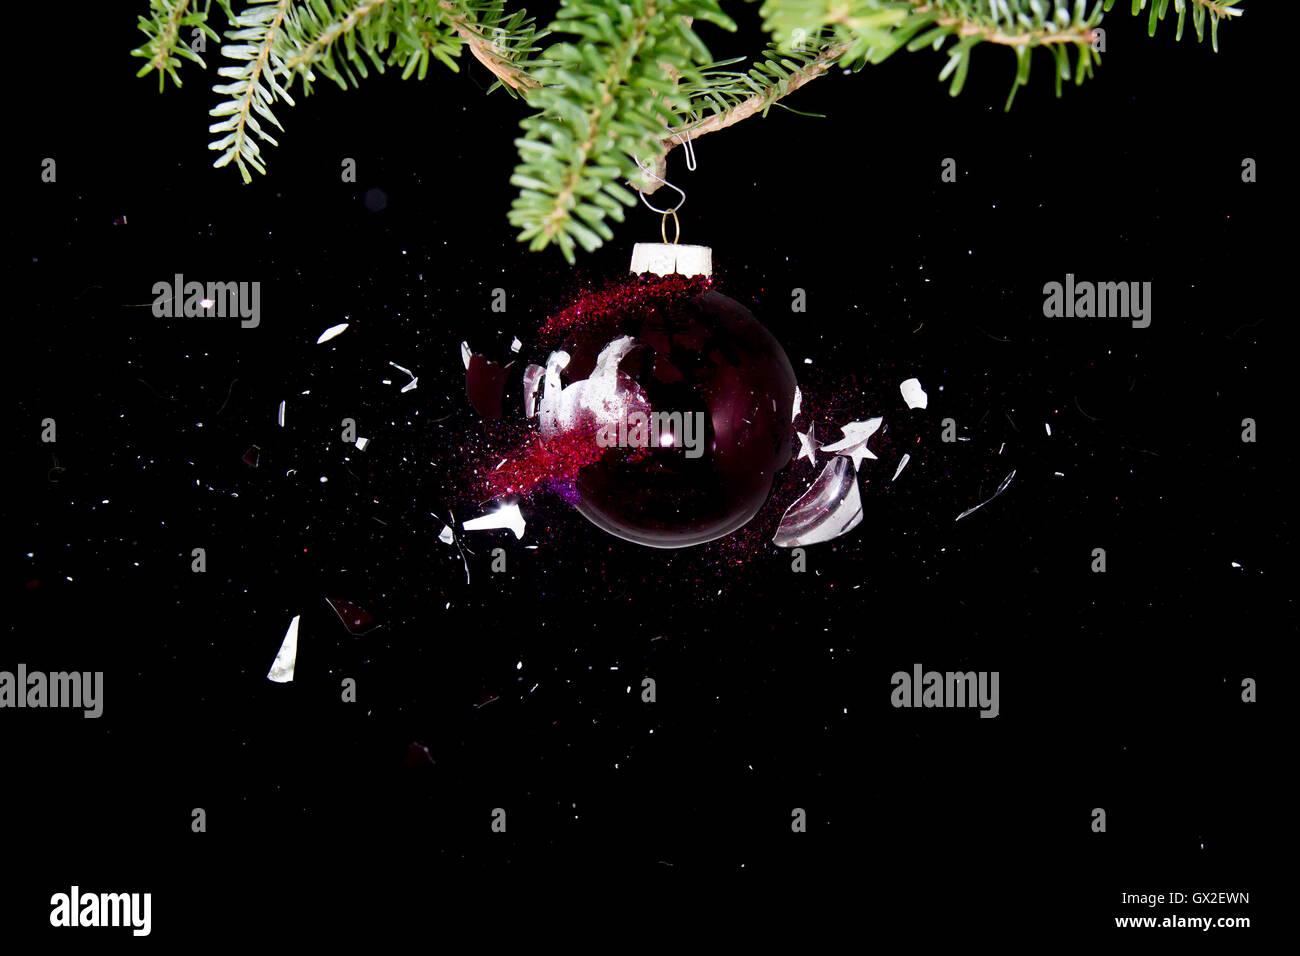 Christmas ball exploding. - Stock Image